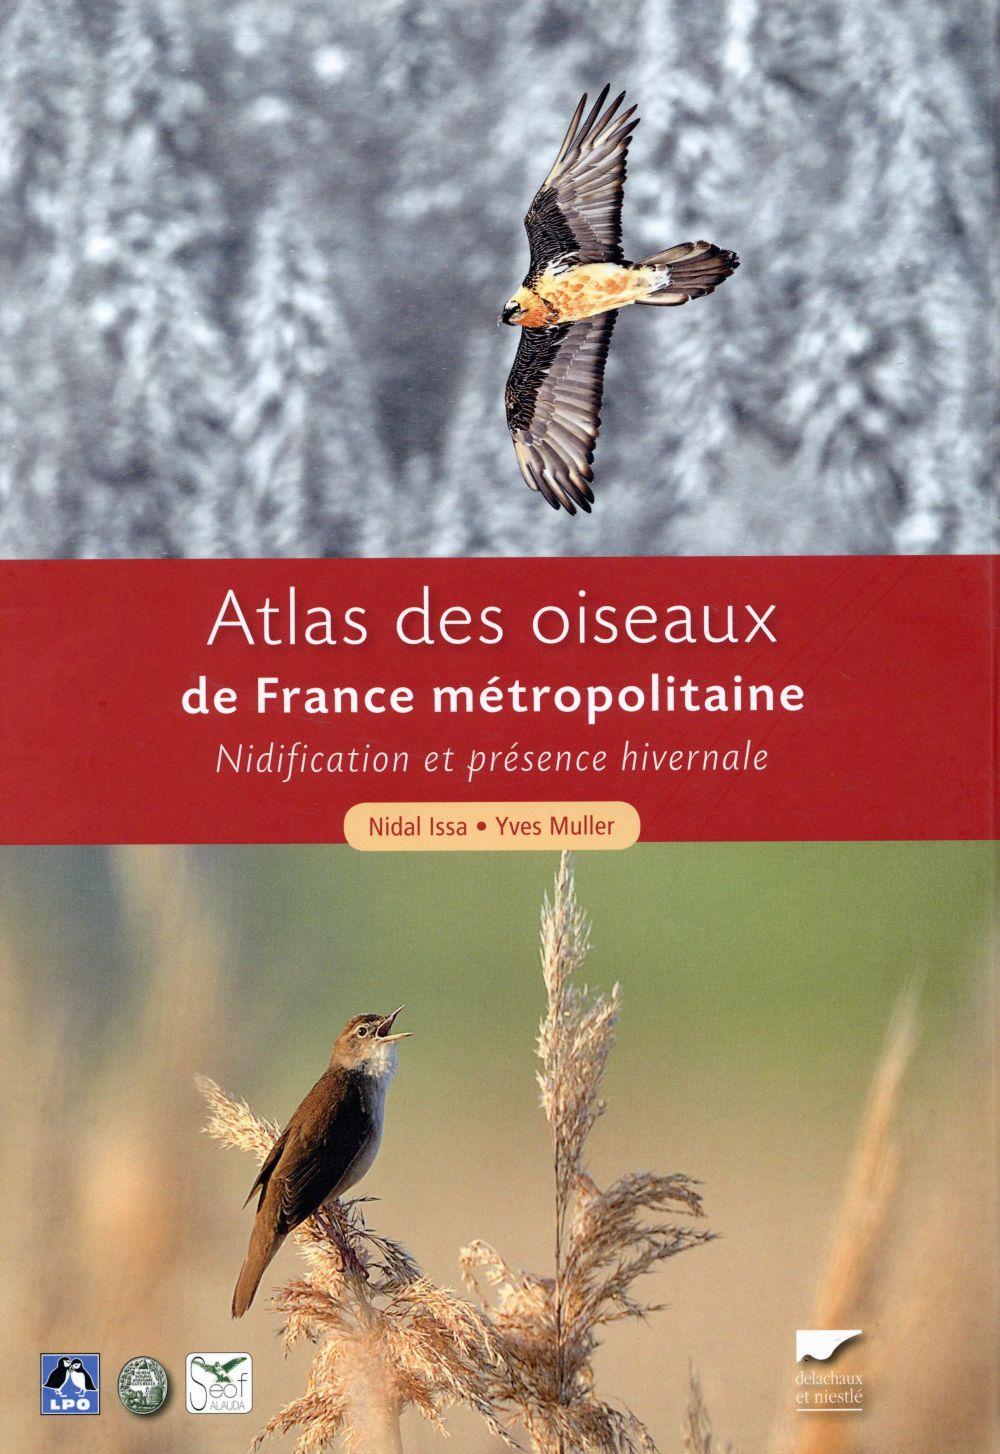 Atlas des oiseaux de France métropolitaine ; nidification et présence hivernale